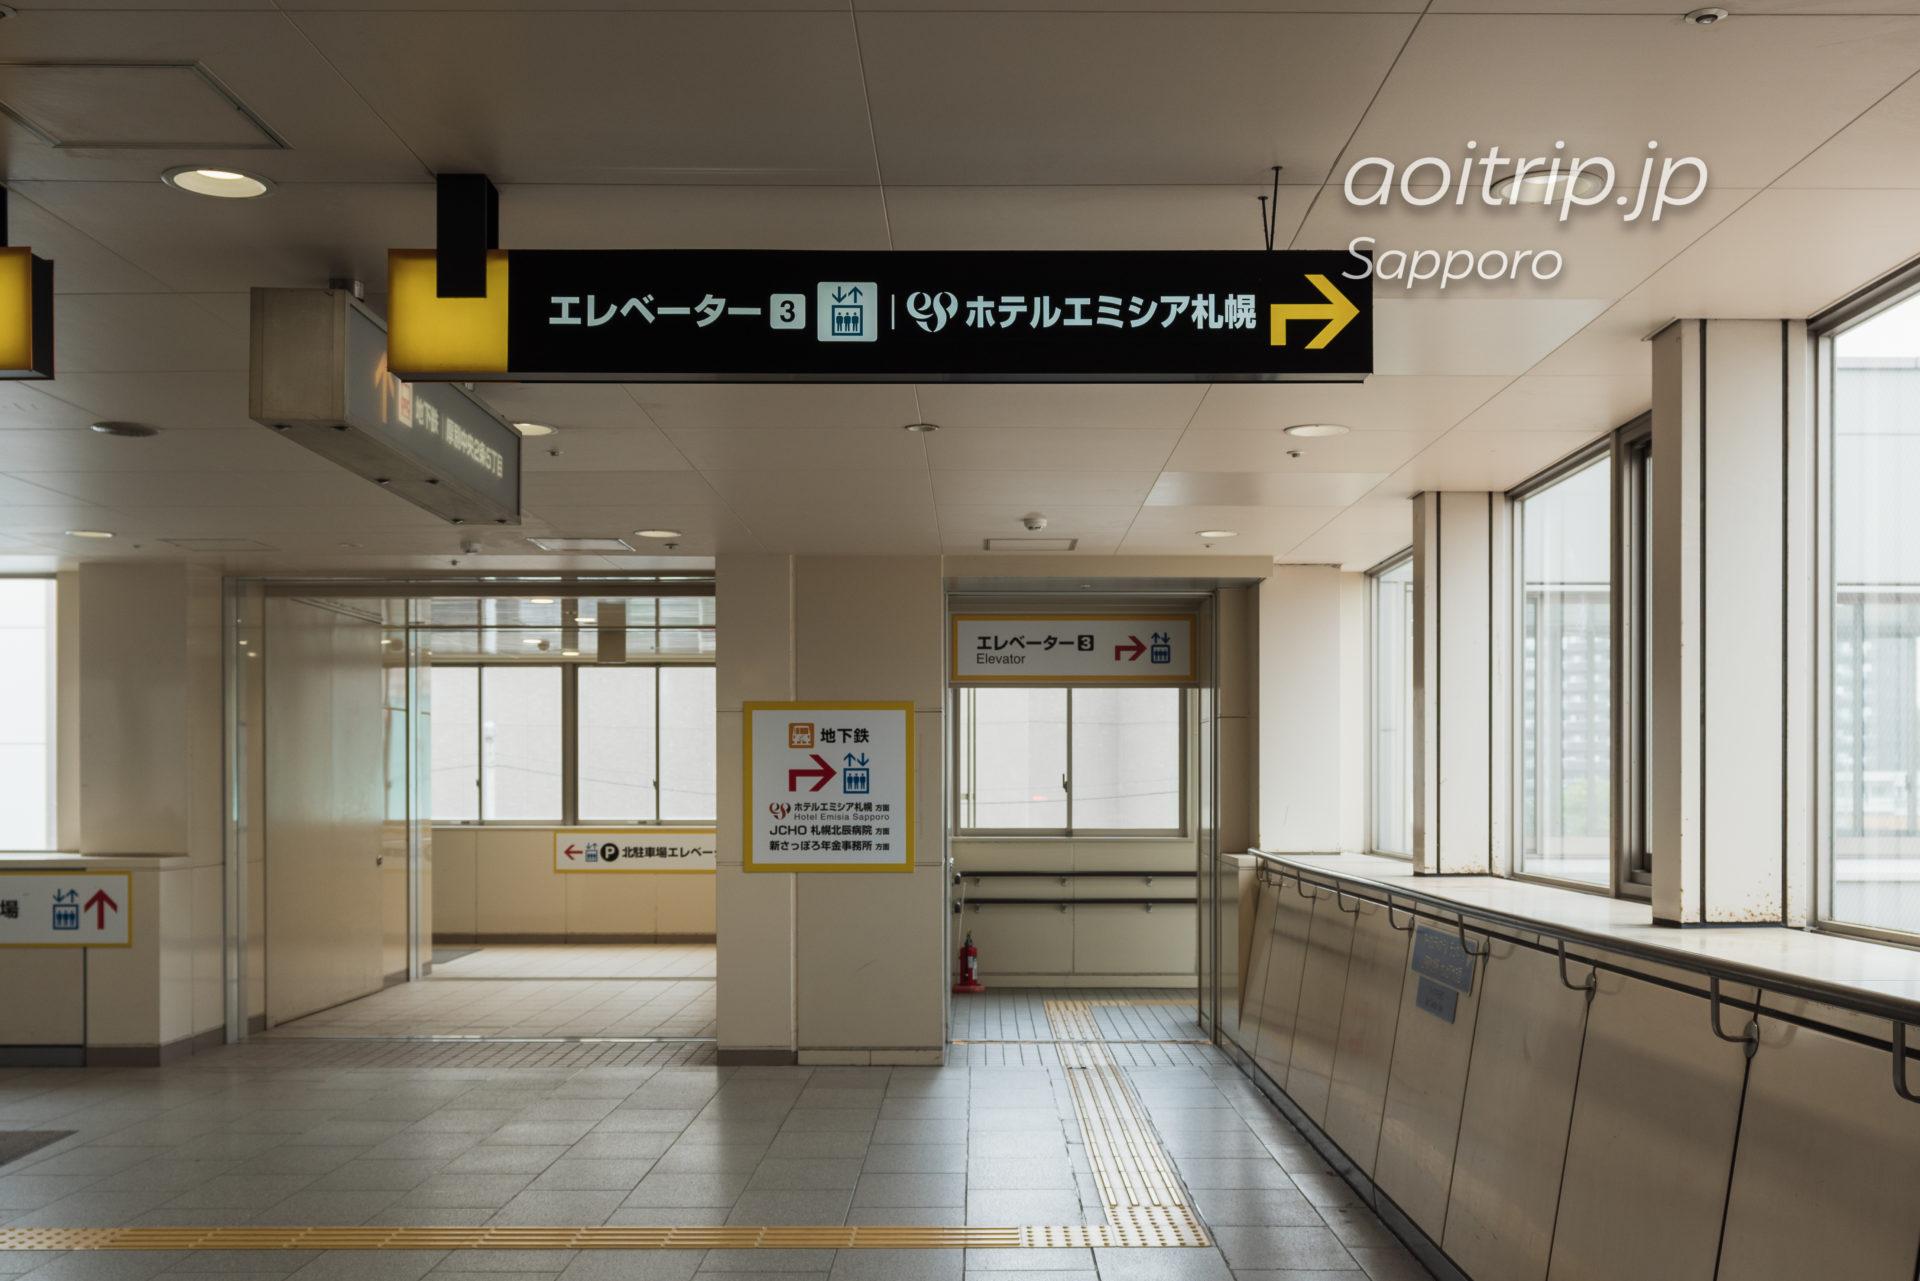 ホテルエミシア札幌のアクセス